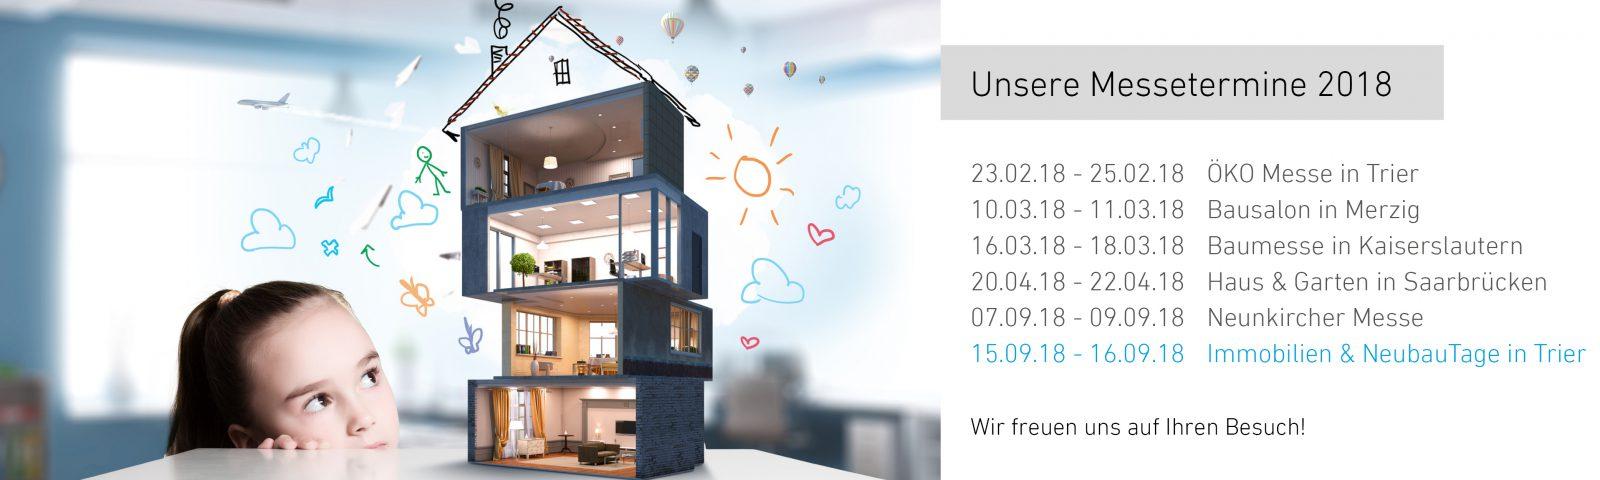 Faszinierend Hausbau Kosten Kalkulieren Dekoration Von Messetermine 2018